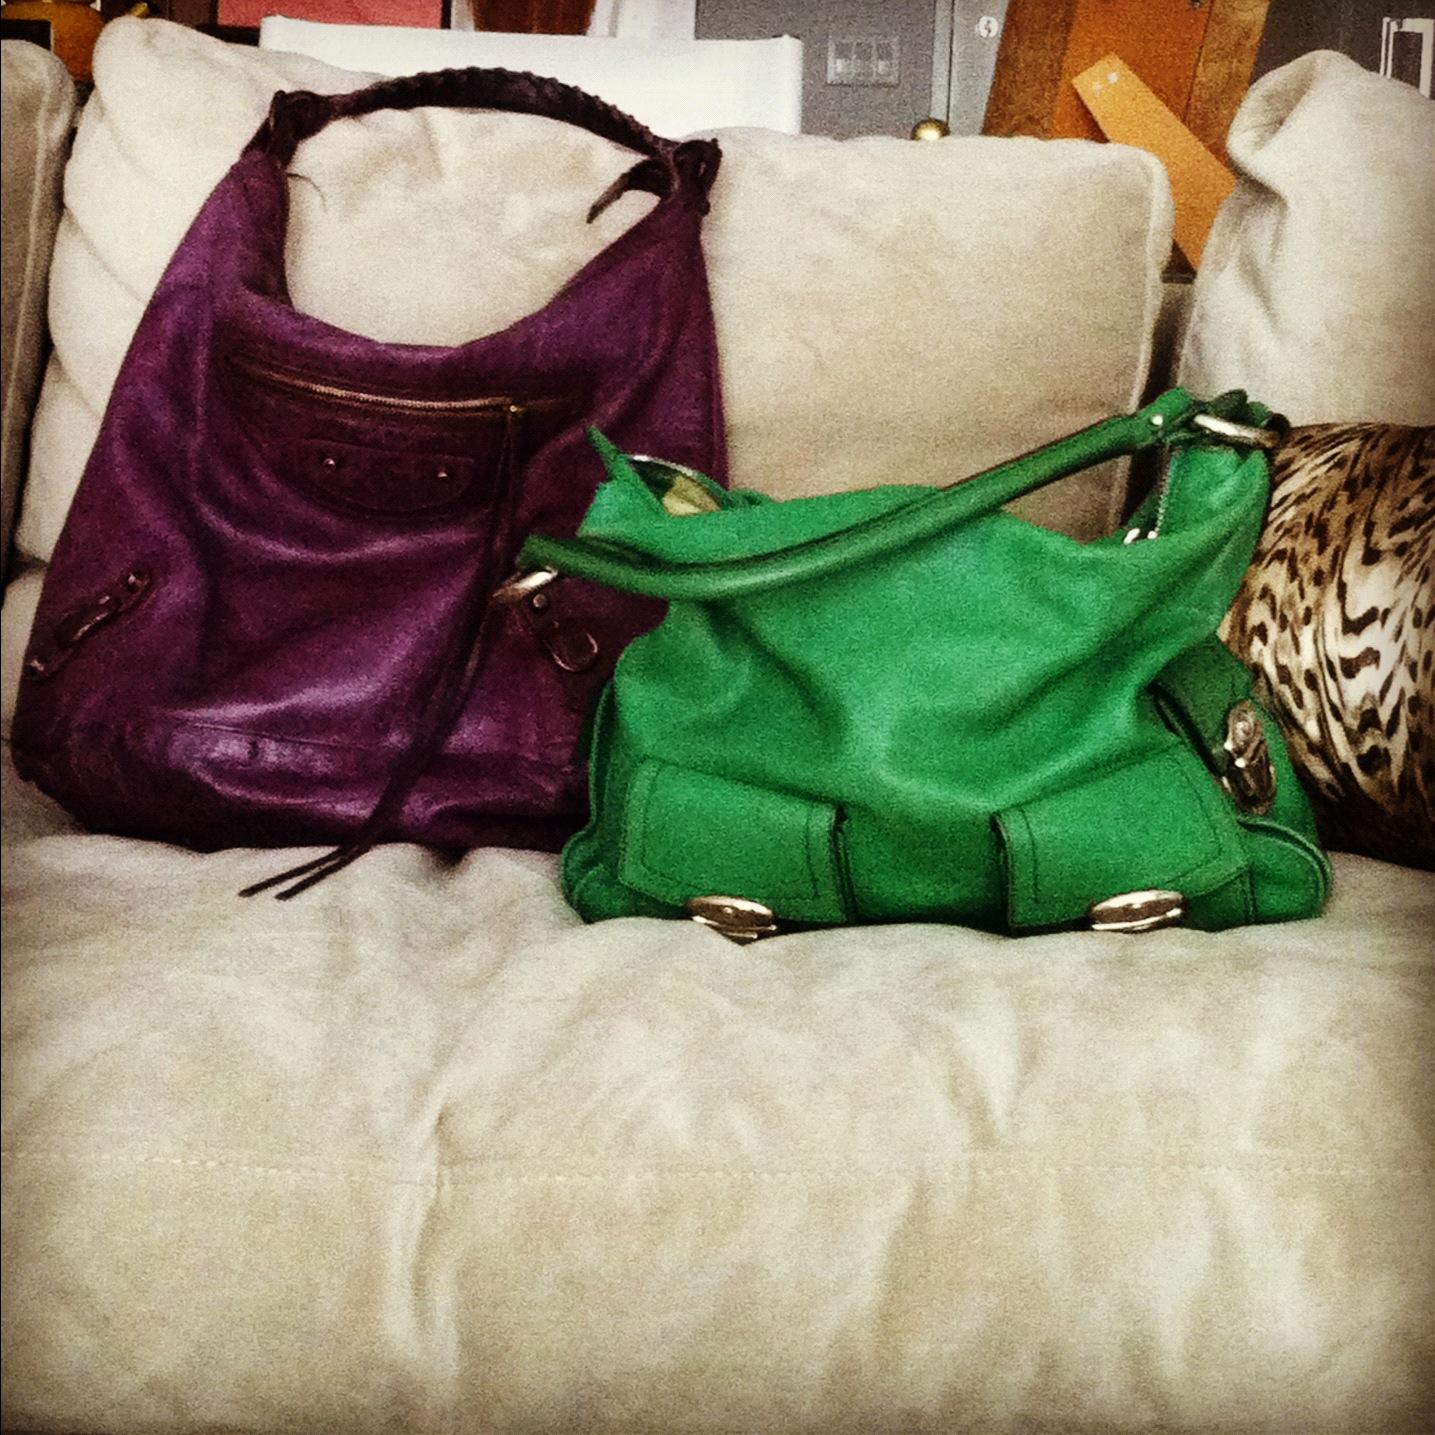 ... Balenciaga Day Bag or a Marc Jacobs hobo bag I bought 7 years ago.